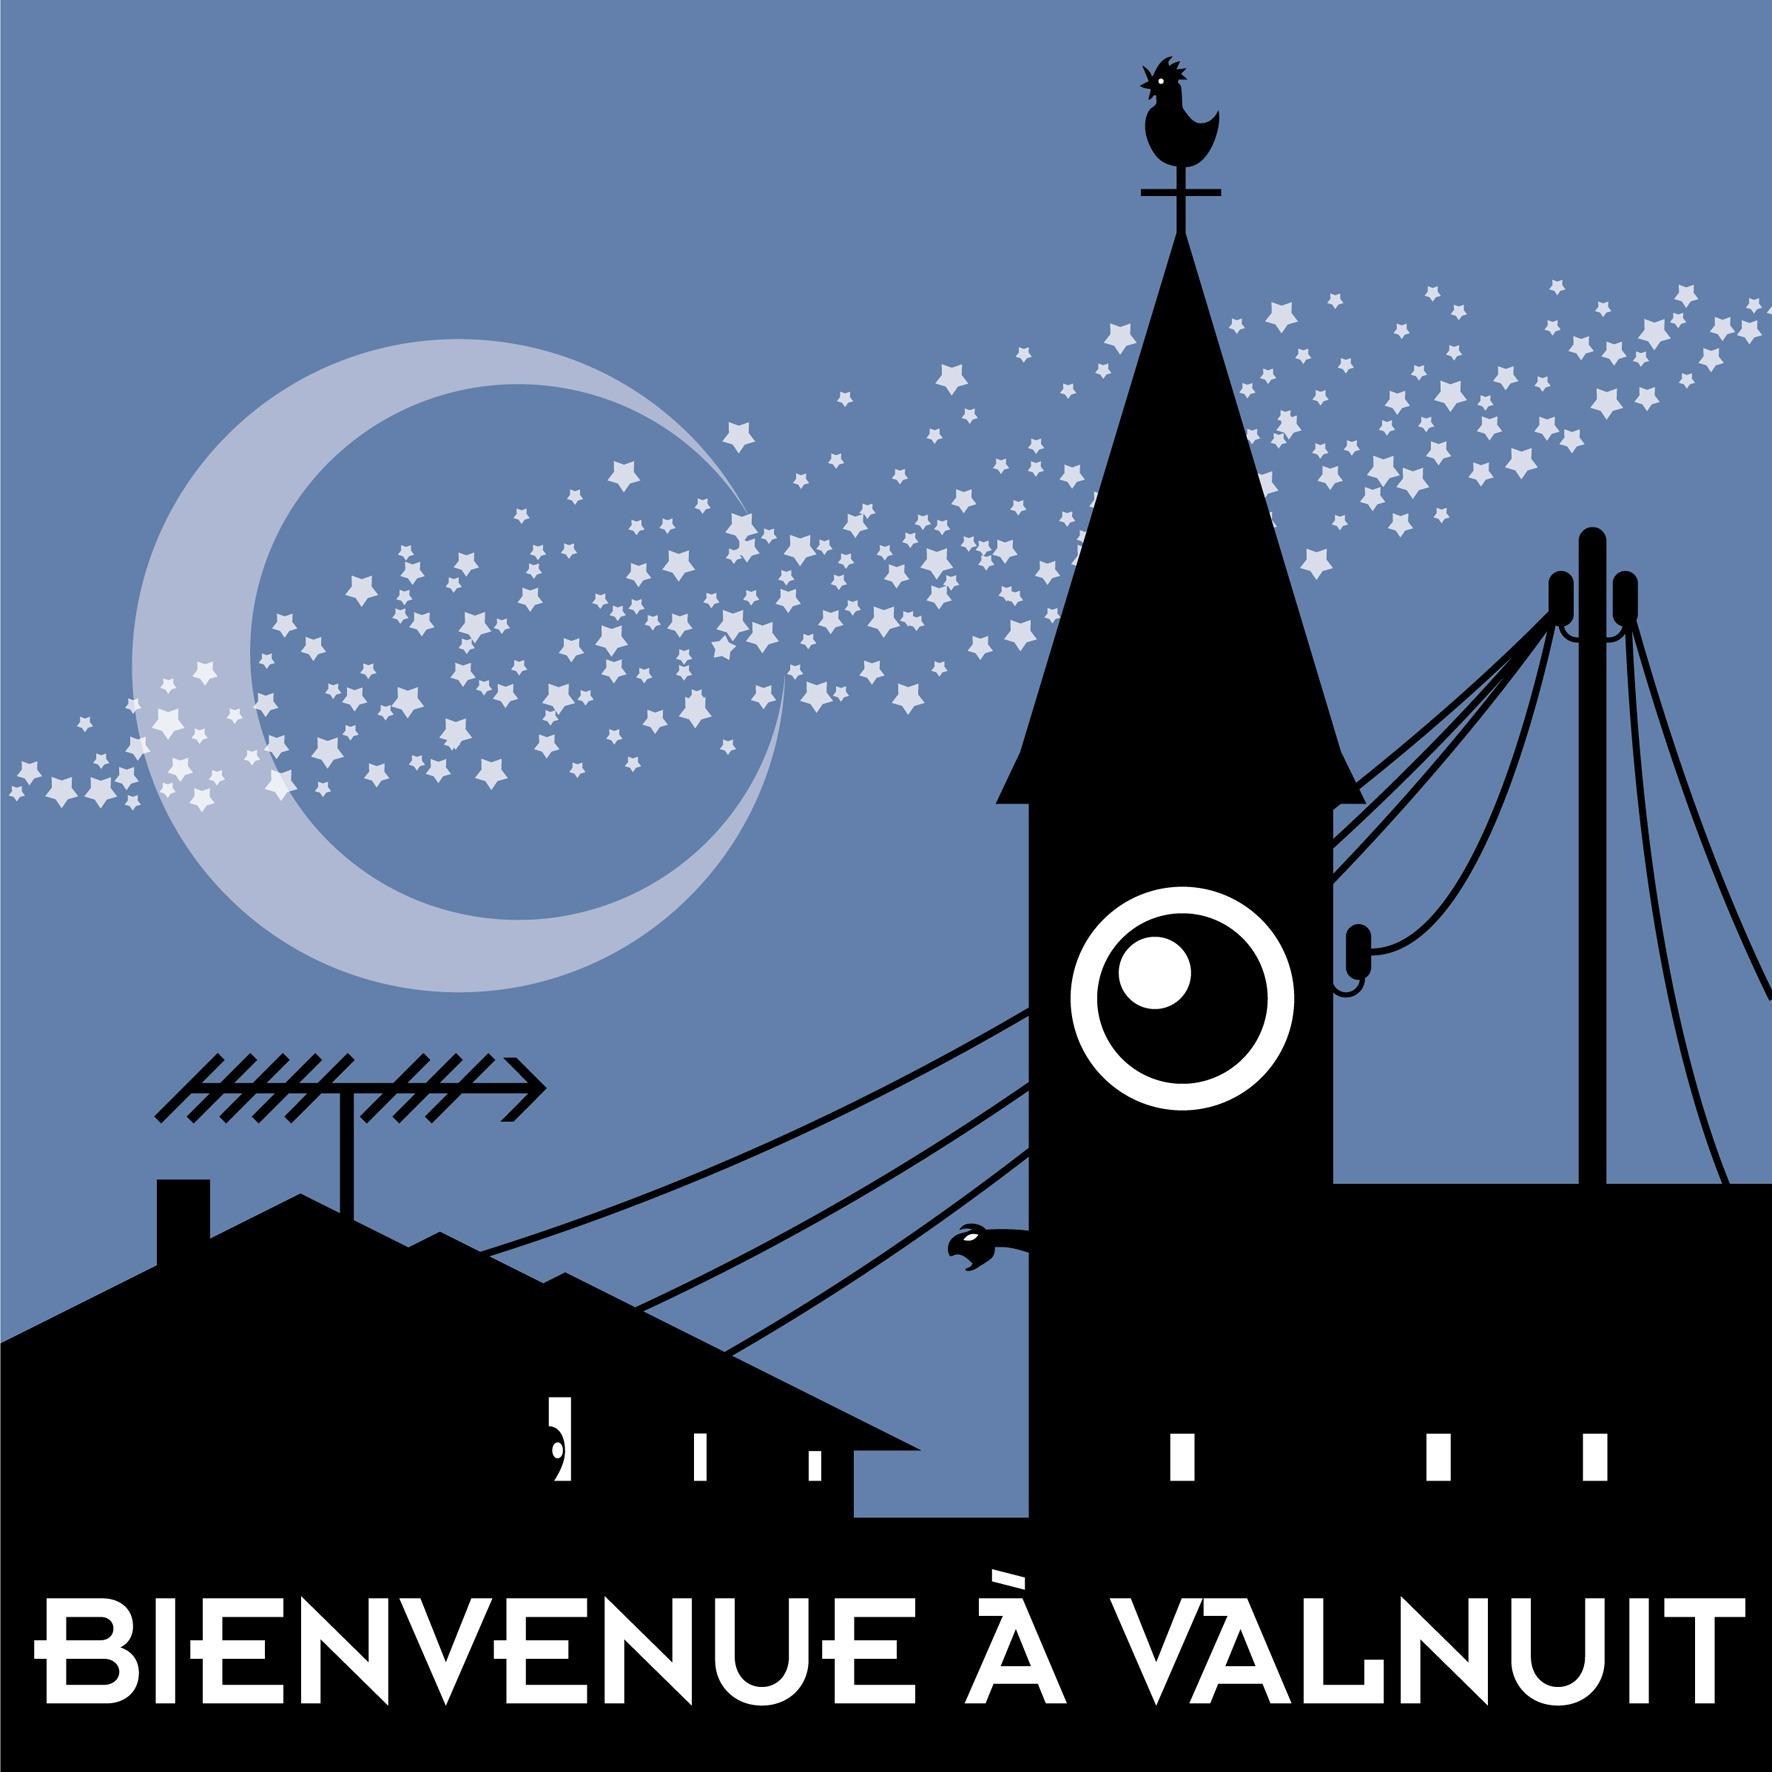 Bienvenue à Valnuit